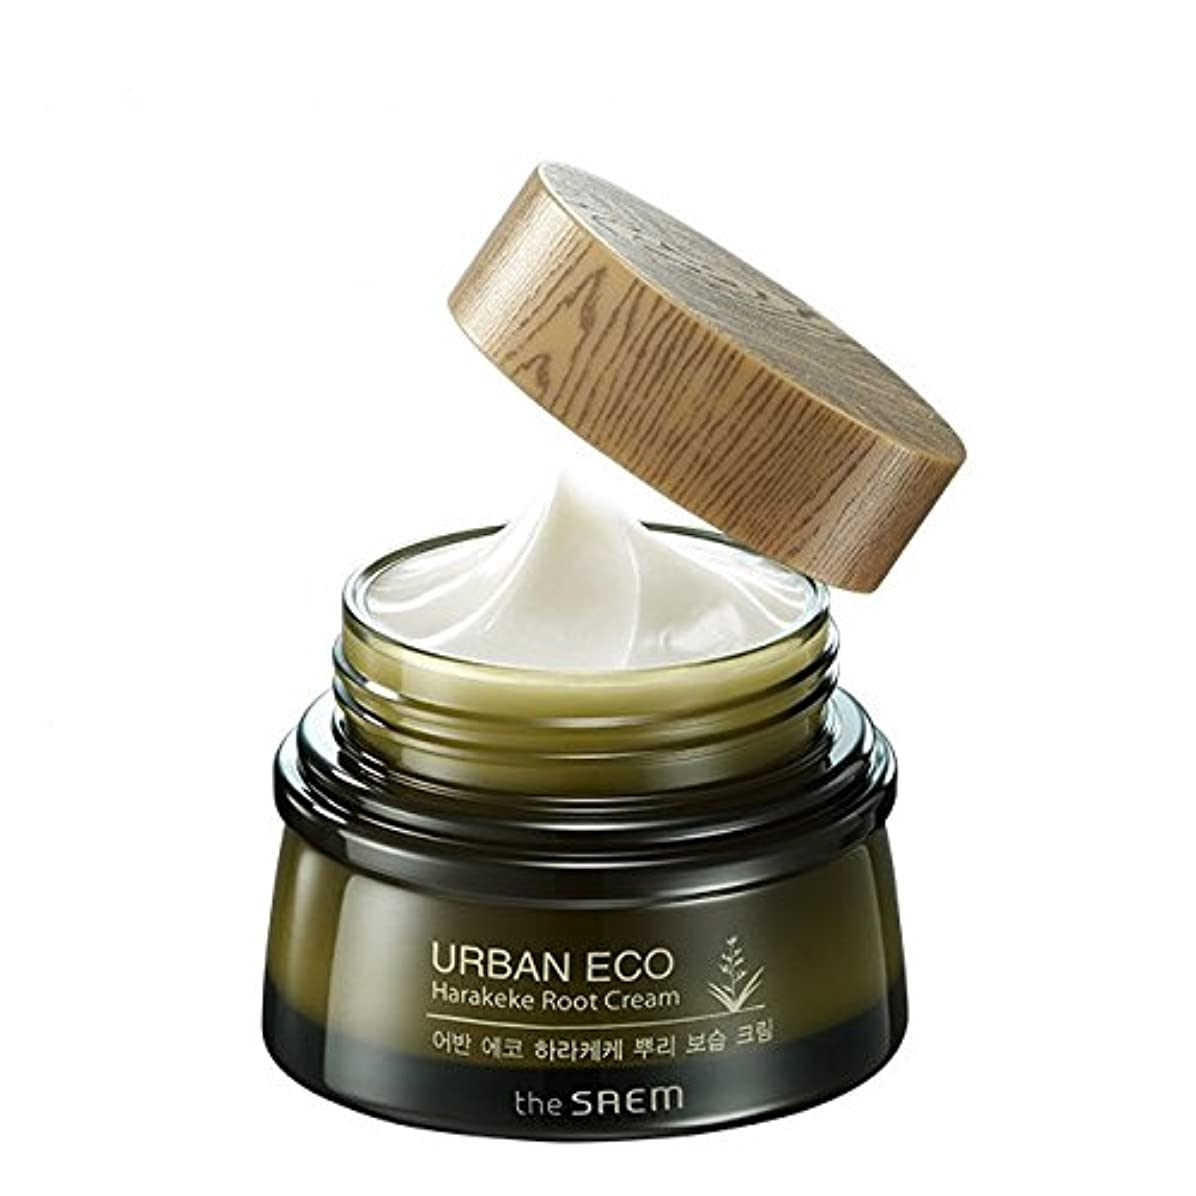 勇気異議偽物[ザセム] The Saem [アーバンエコ ハラケケ 根保湿クリーム60ml (The Saem Urban Eco Harakeke Root Cream60ml)